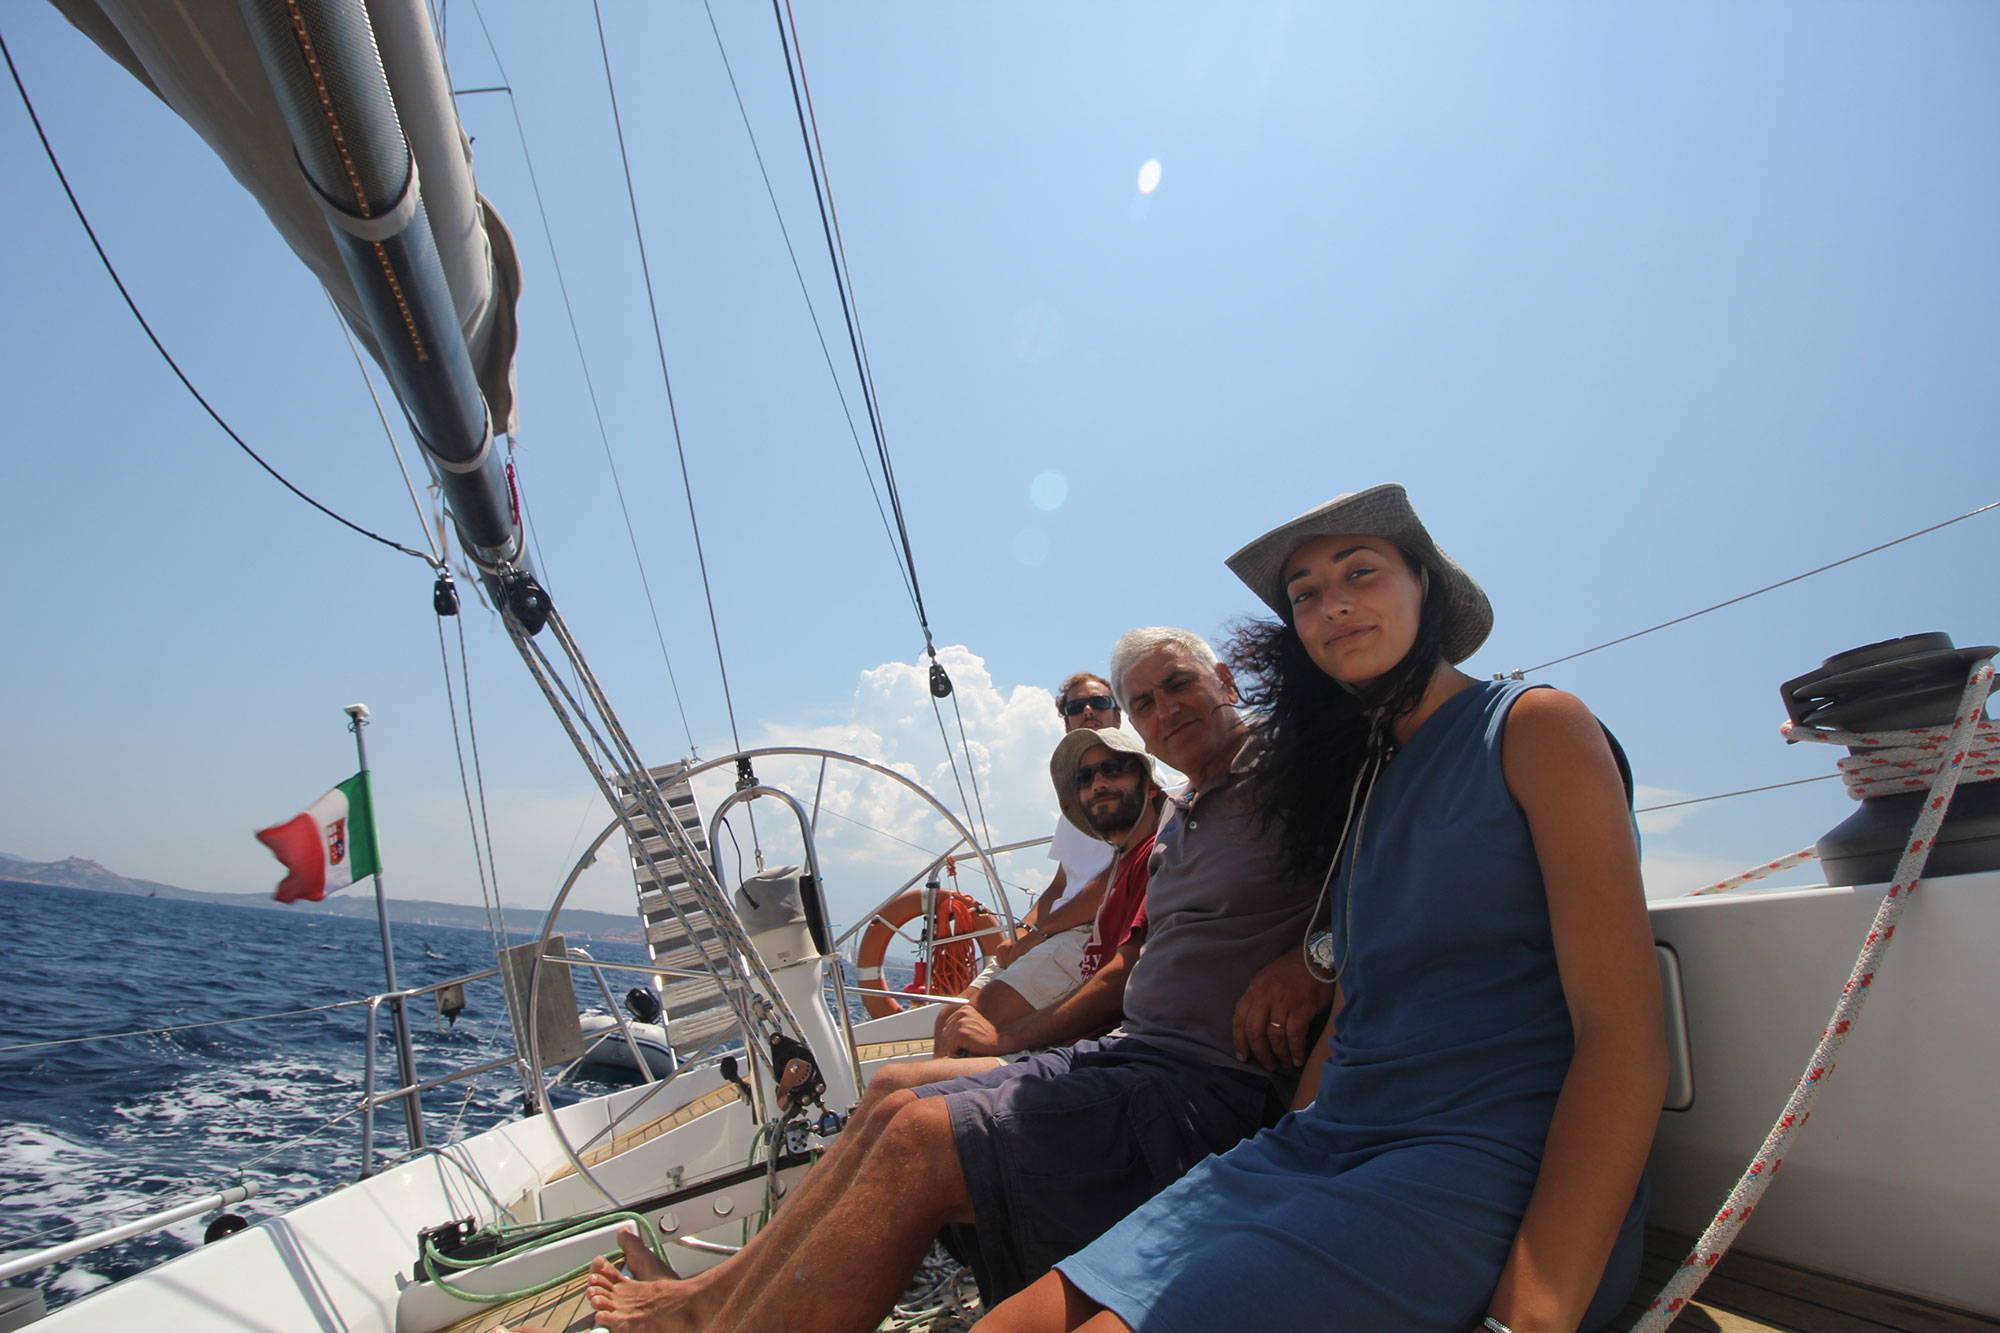 gita-alle-isole-athena-sail